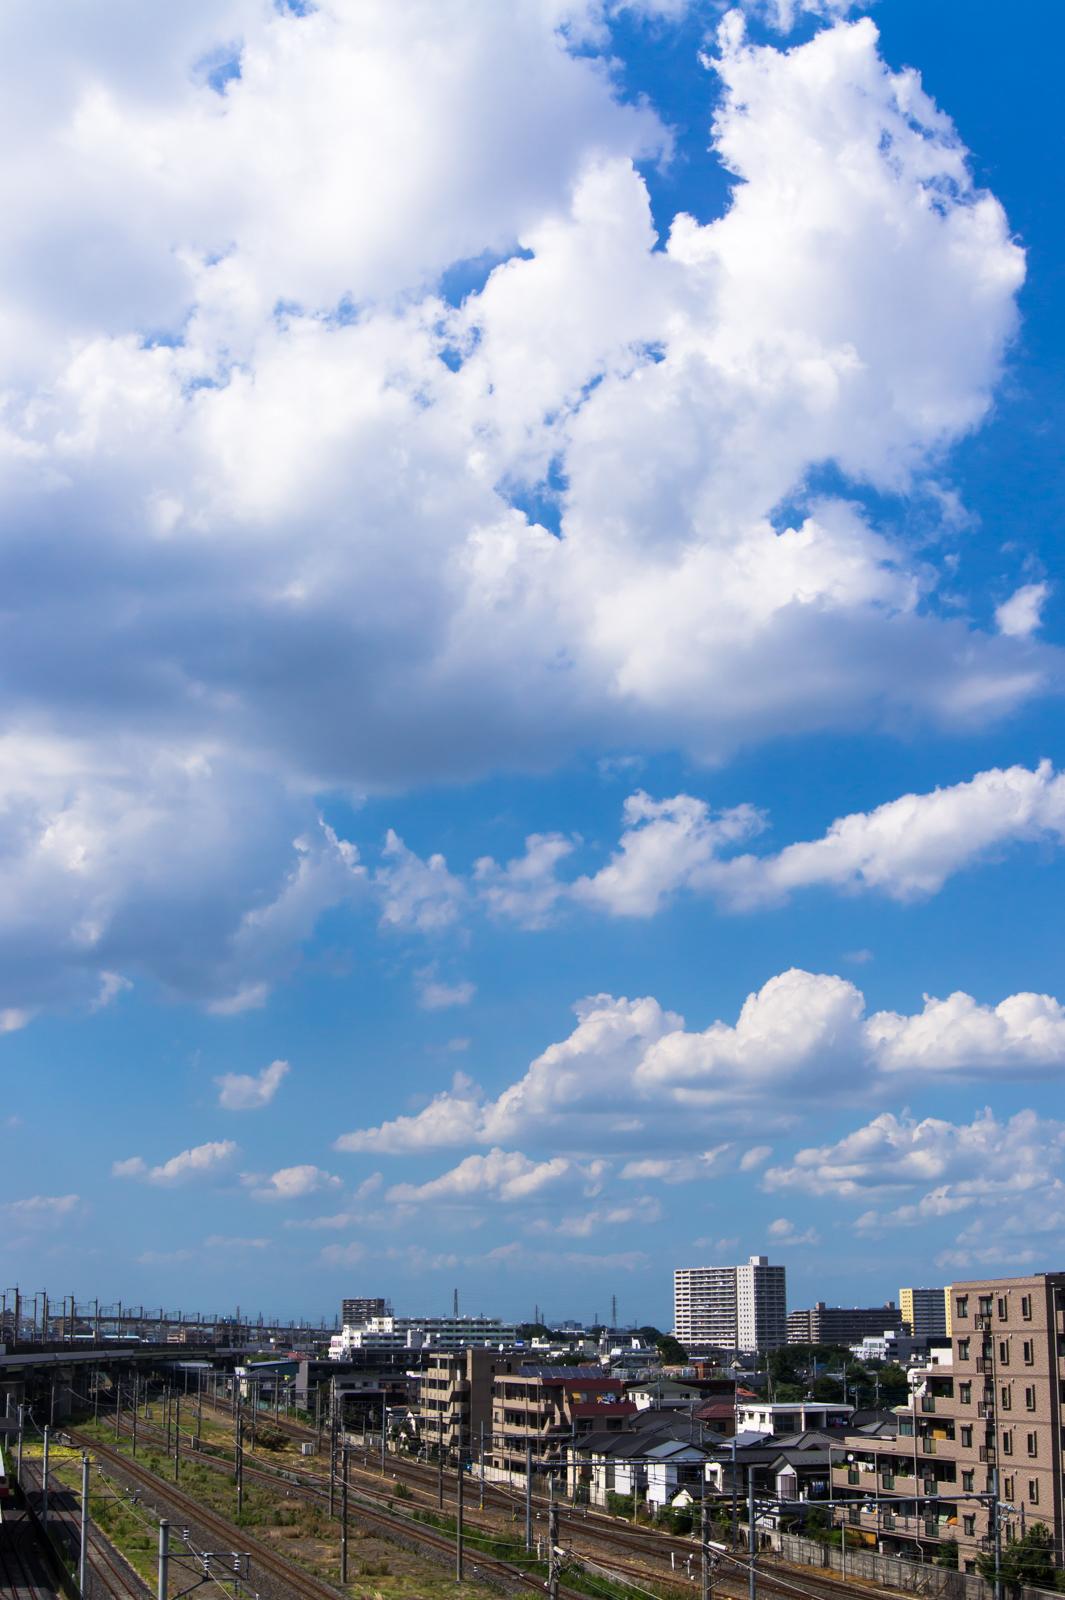 鉄道博物館から撮影した線路と青空の写真